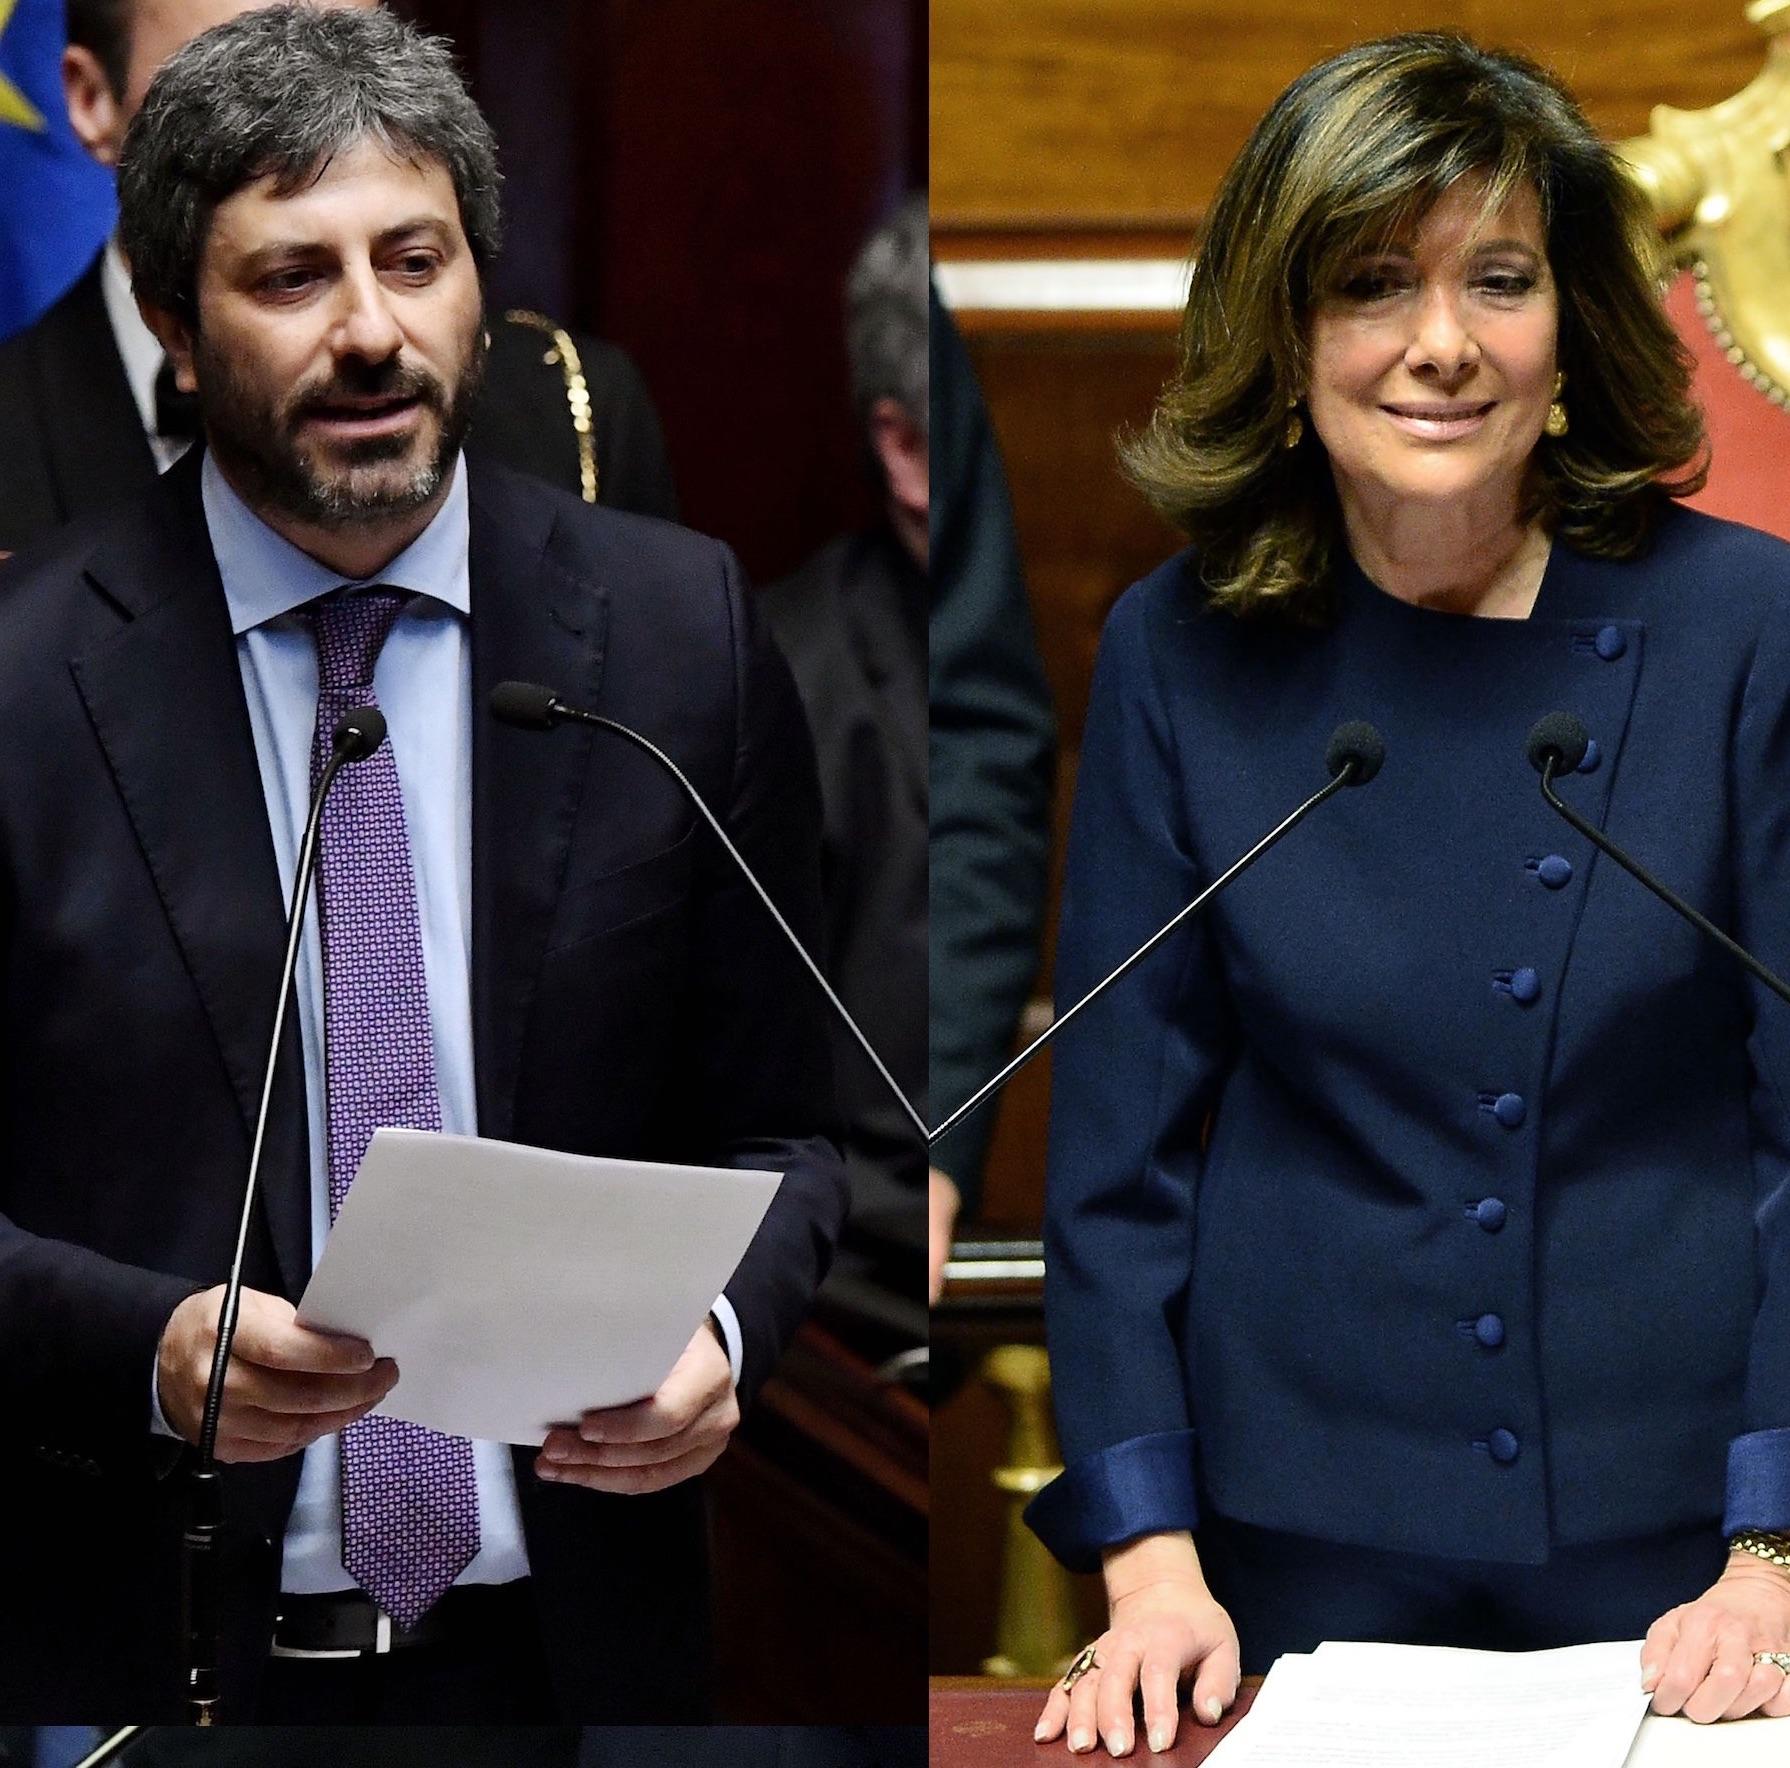 Governo news, Casellati e Fico al Quirinale: oggi l'incarico? Live blog e video streaming